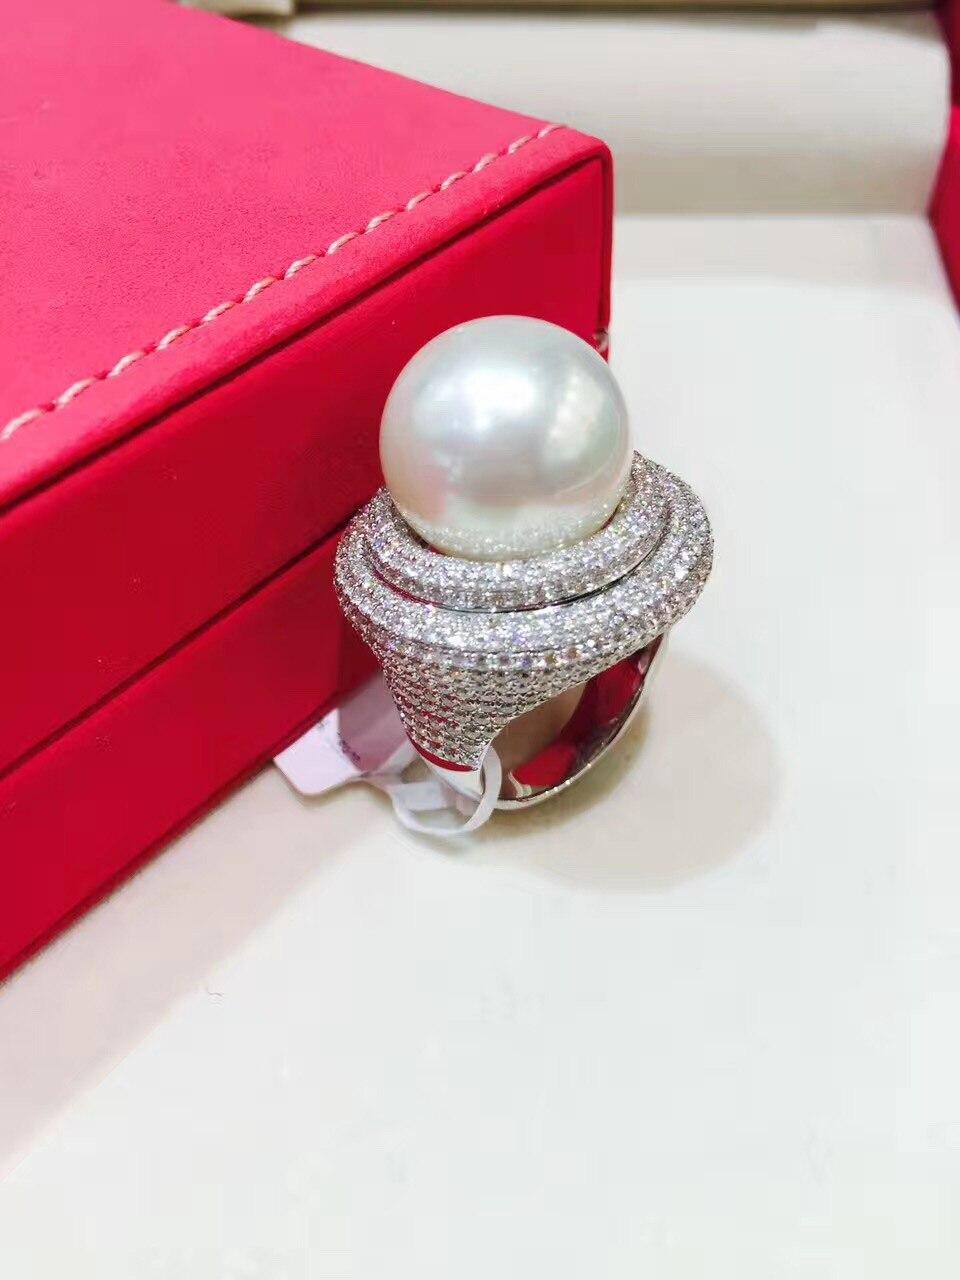 14-15MM liels dabisks dienvidu jūras pērles gredzens balts 18K - Skaistas rotaslietas